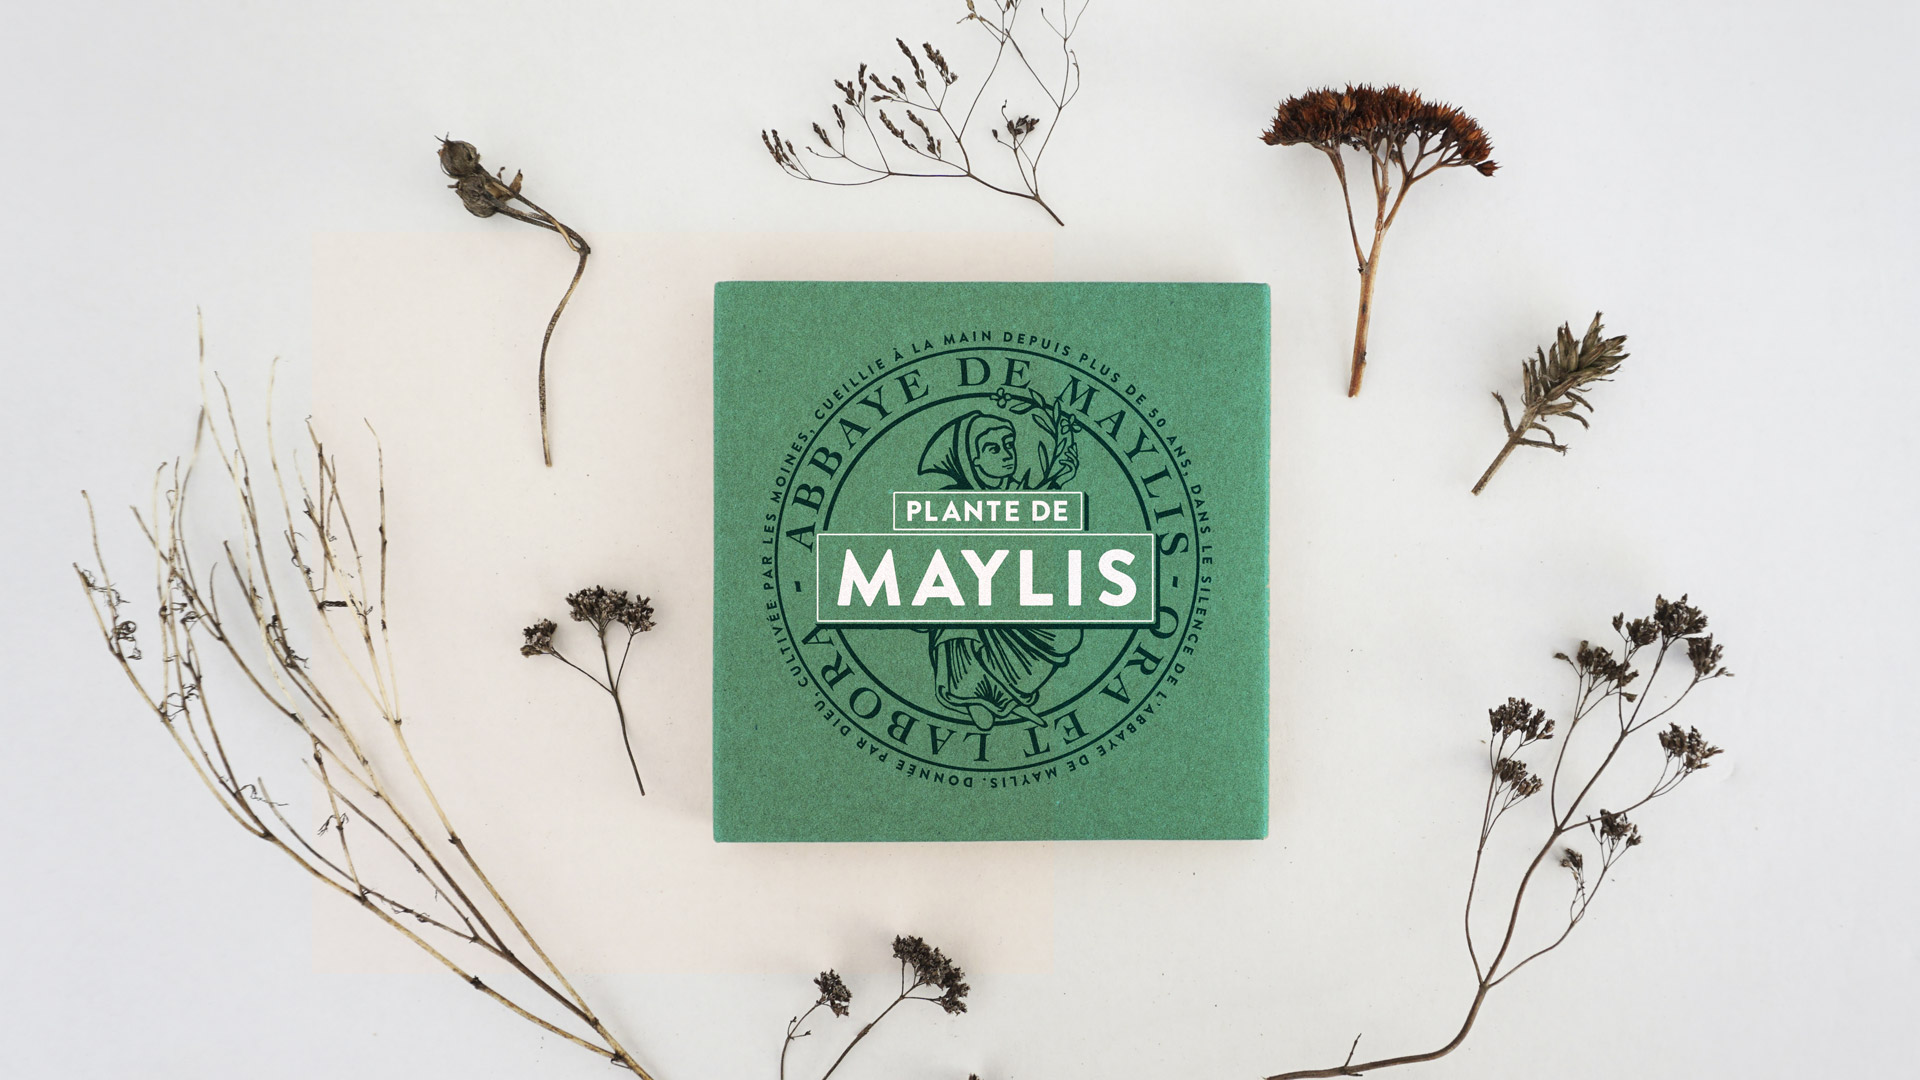 Plante de Maylis